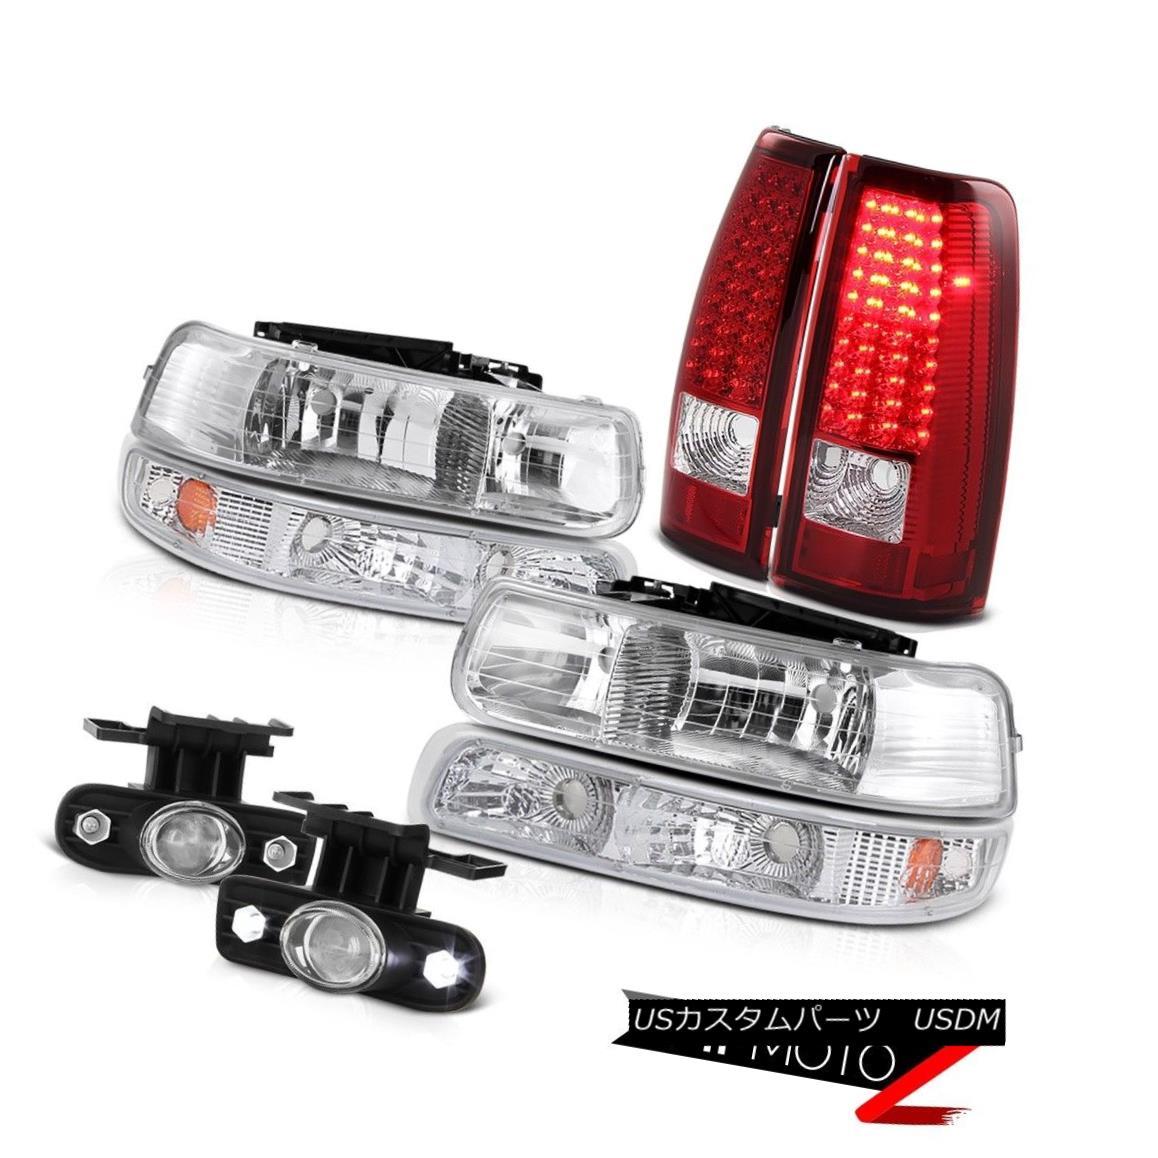 ヘッドライト Chrome Headlamps Signal Brake Lights Projector Bumper Fog 99 00 01 02 Silverado クロームヘッドランプ信号ブレーキライトプロジェクターバンパーフォグ99 00 01 02シルバラード